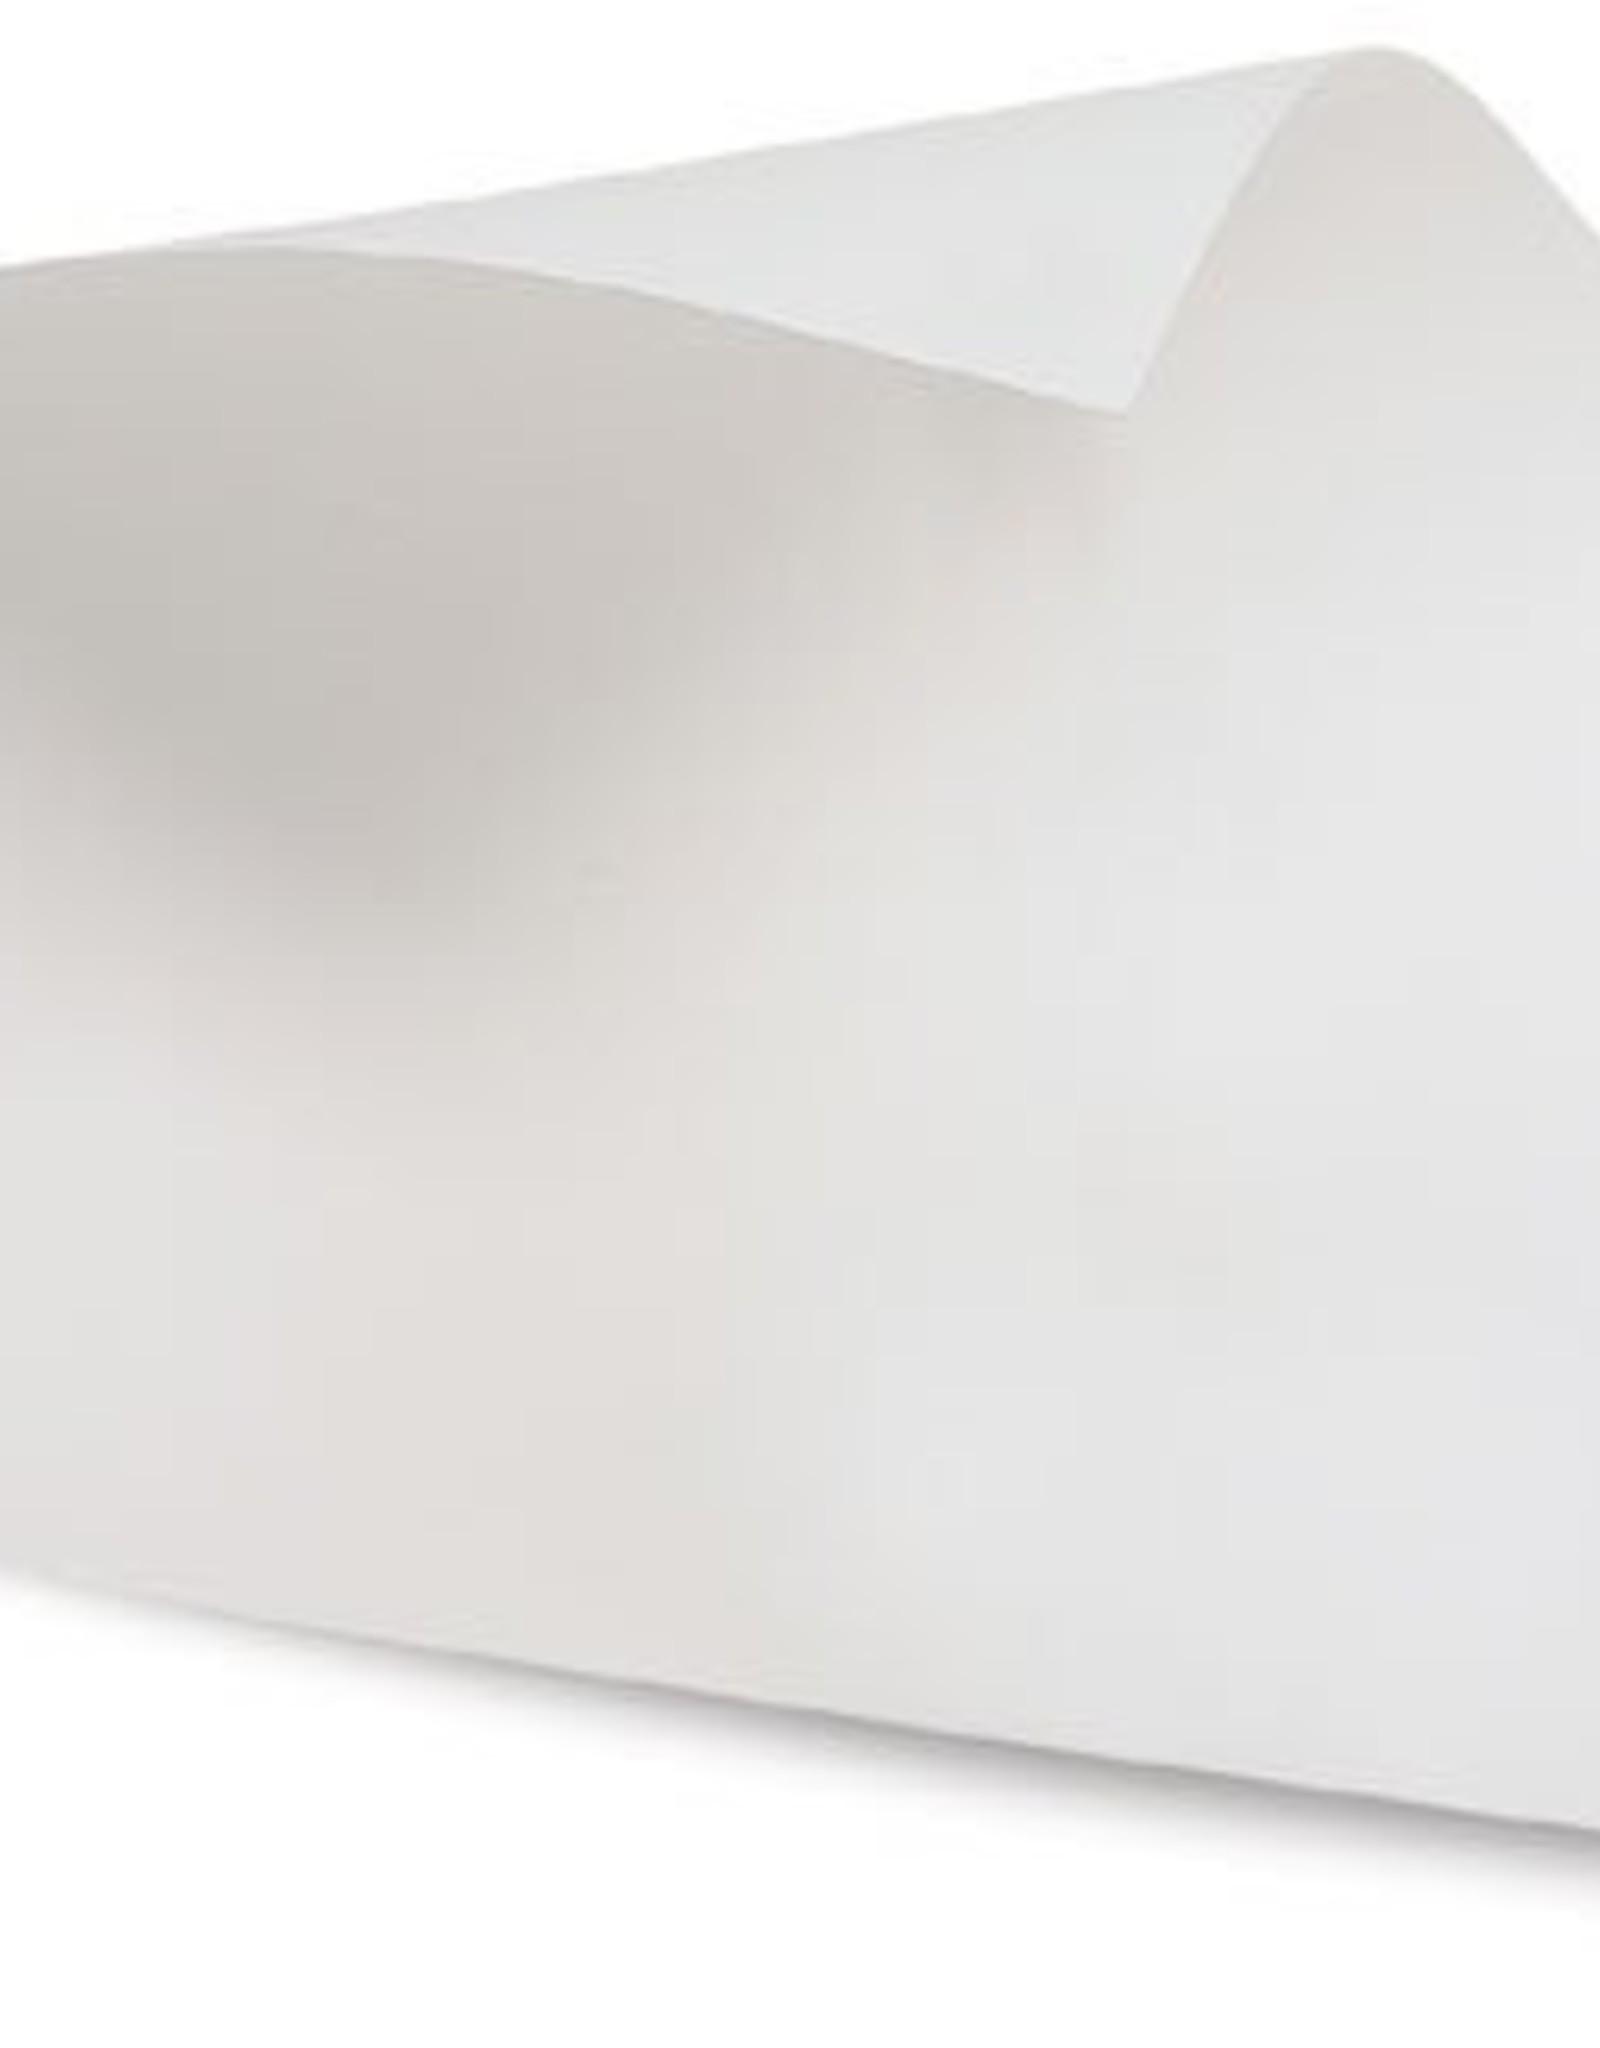 Bristol Board White 180 Gsm